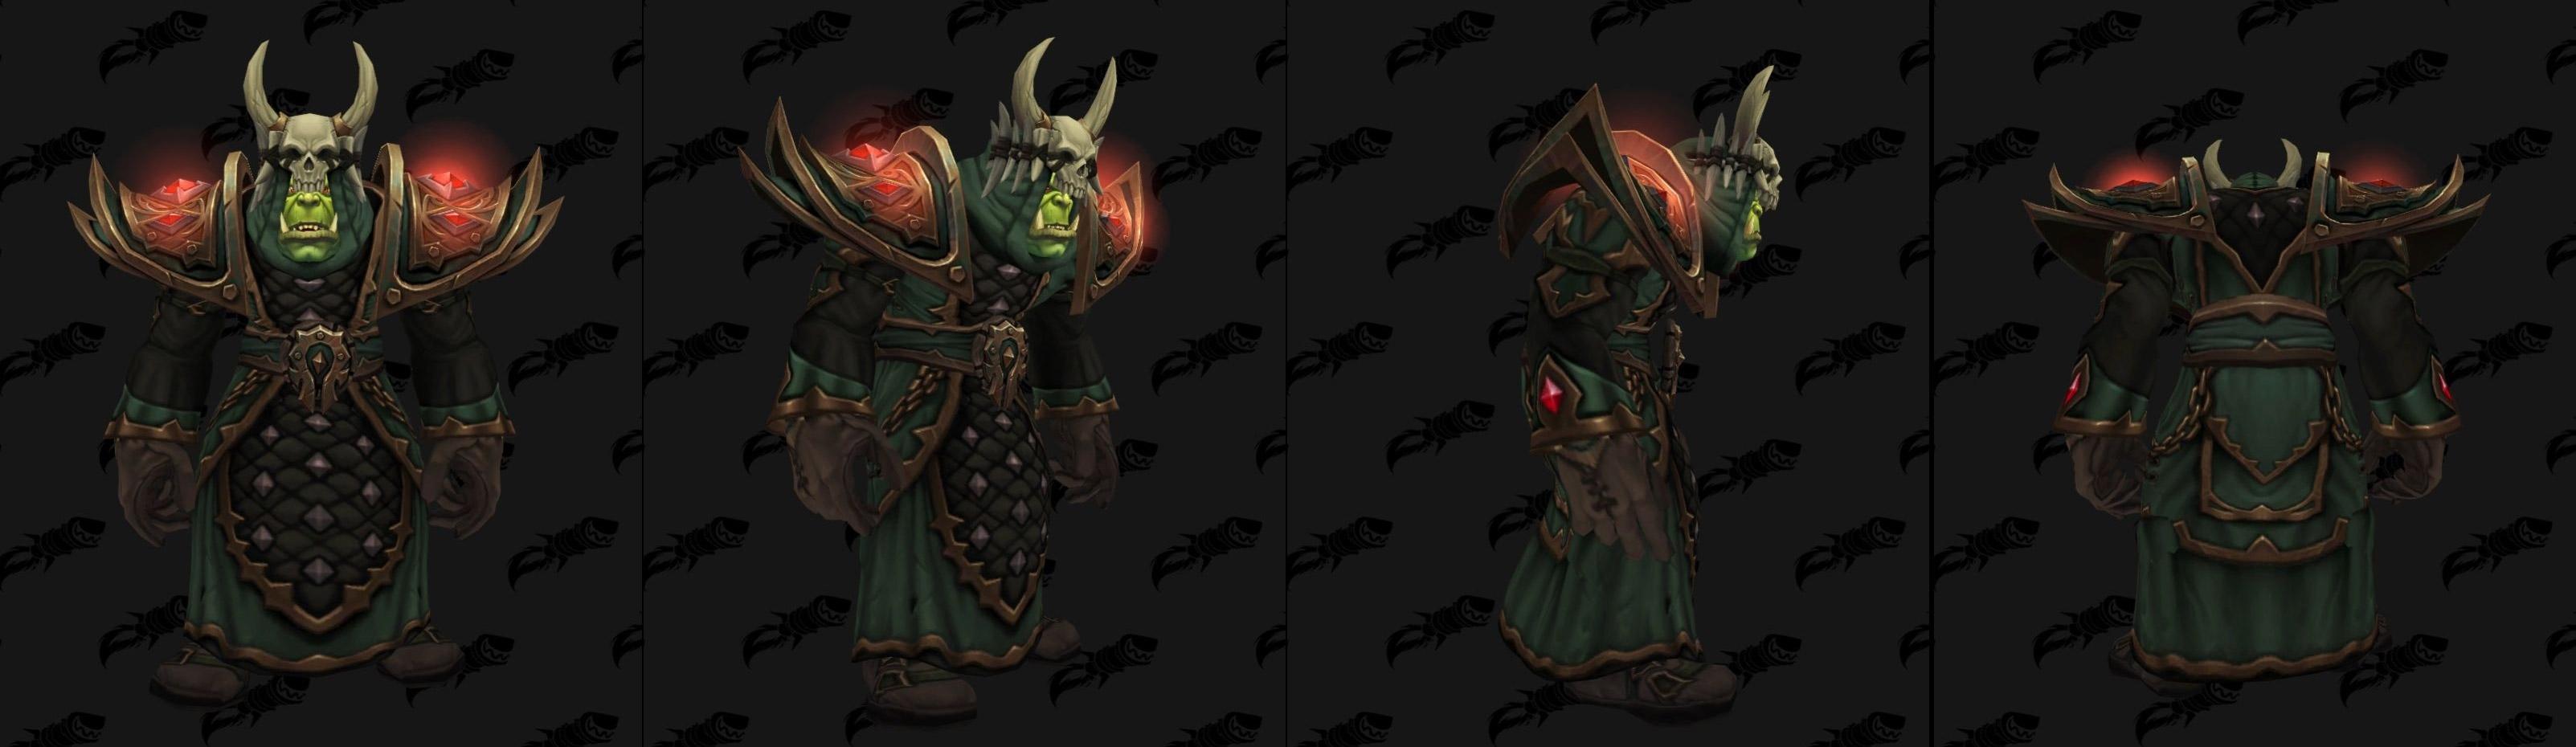 Armures tissu (Horde) - Fronts de guerre Tier 2 - Coloris 3